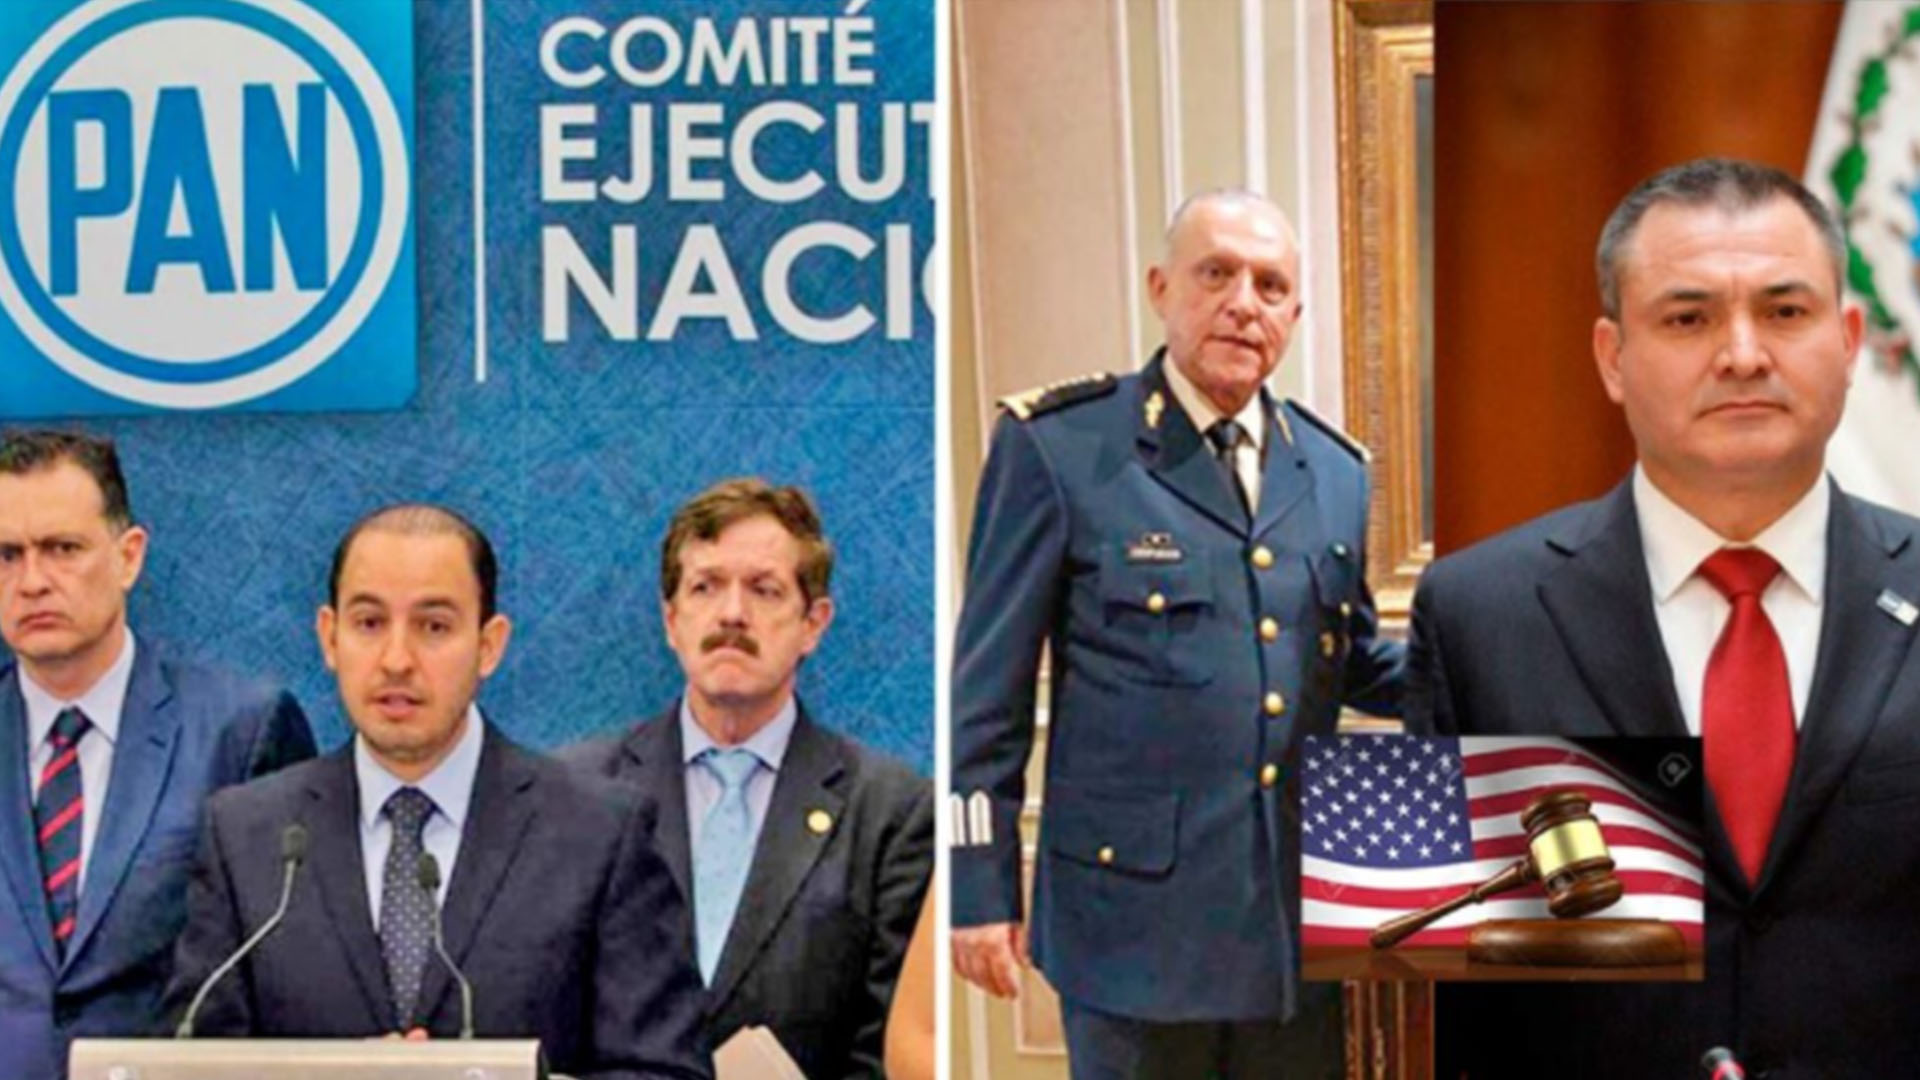 En 2019 PAN pedía intervención de EU para combatir el narco y ¡PUM! capturan a García Luna y al General Cienfuegos por narcotráfico